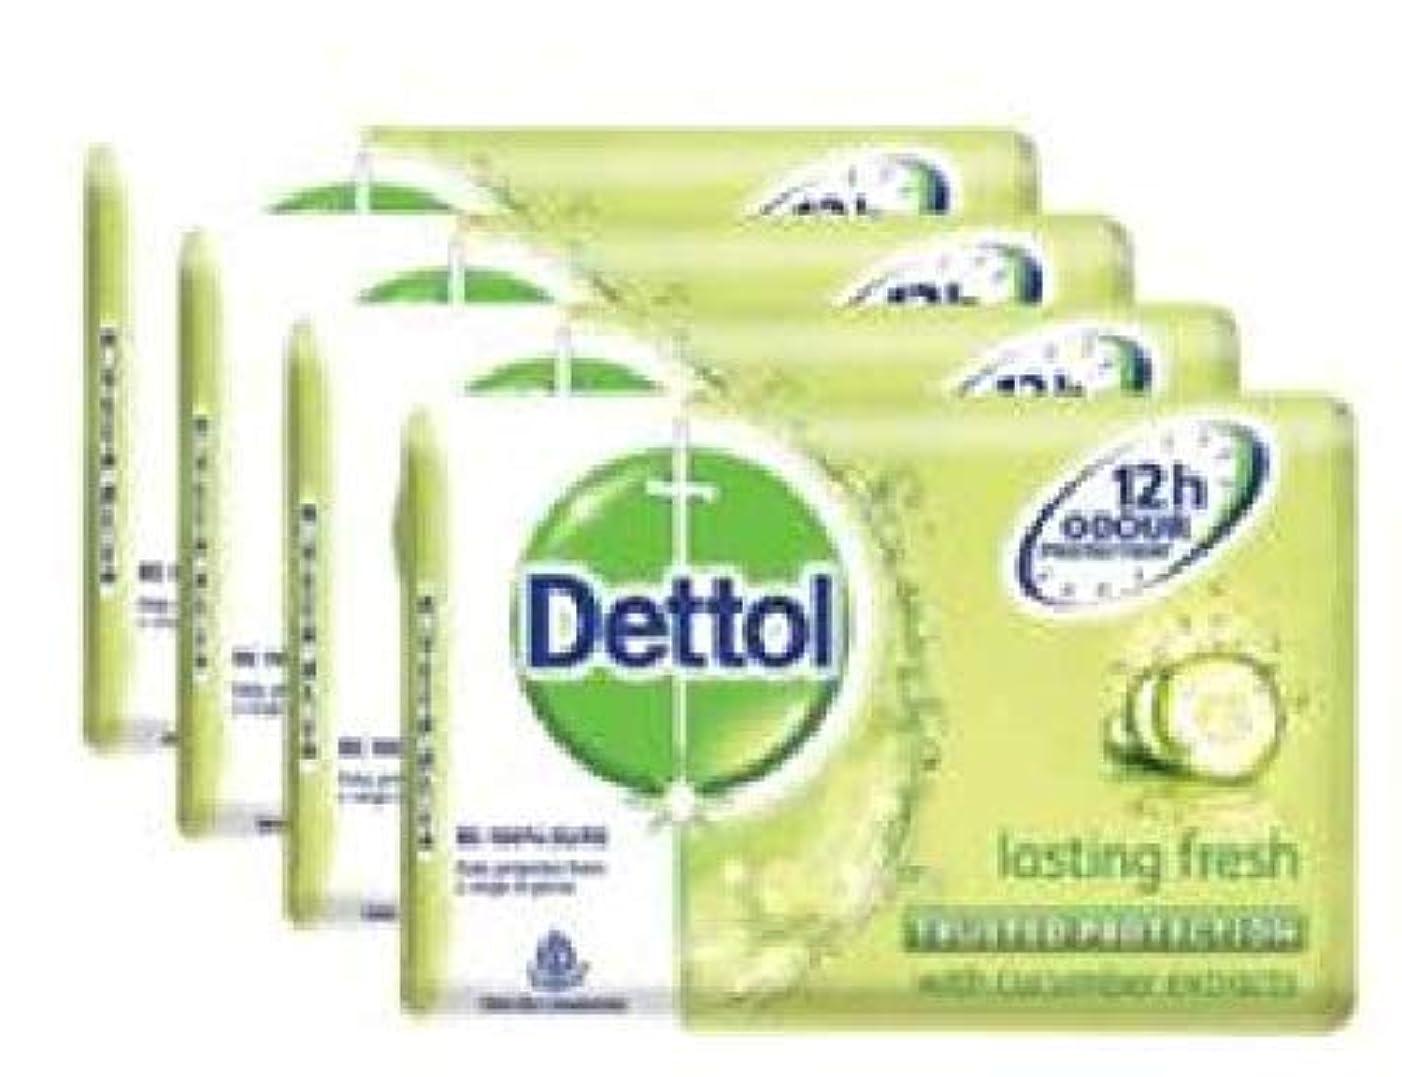 水星ドックいらいらさせるDettol 新鮮4x105g-を持続固形石鹸は、あなたが自由生殖続け、石鹸は肌にもとても優しいです